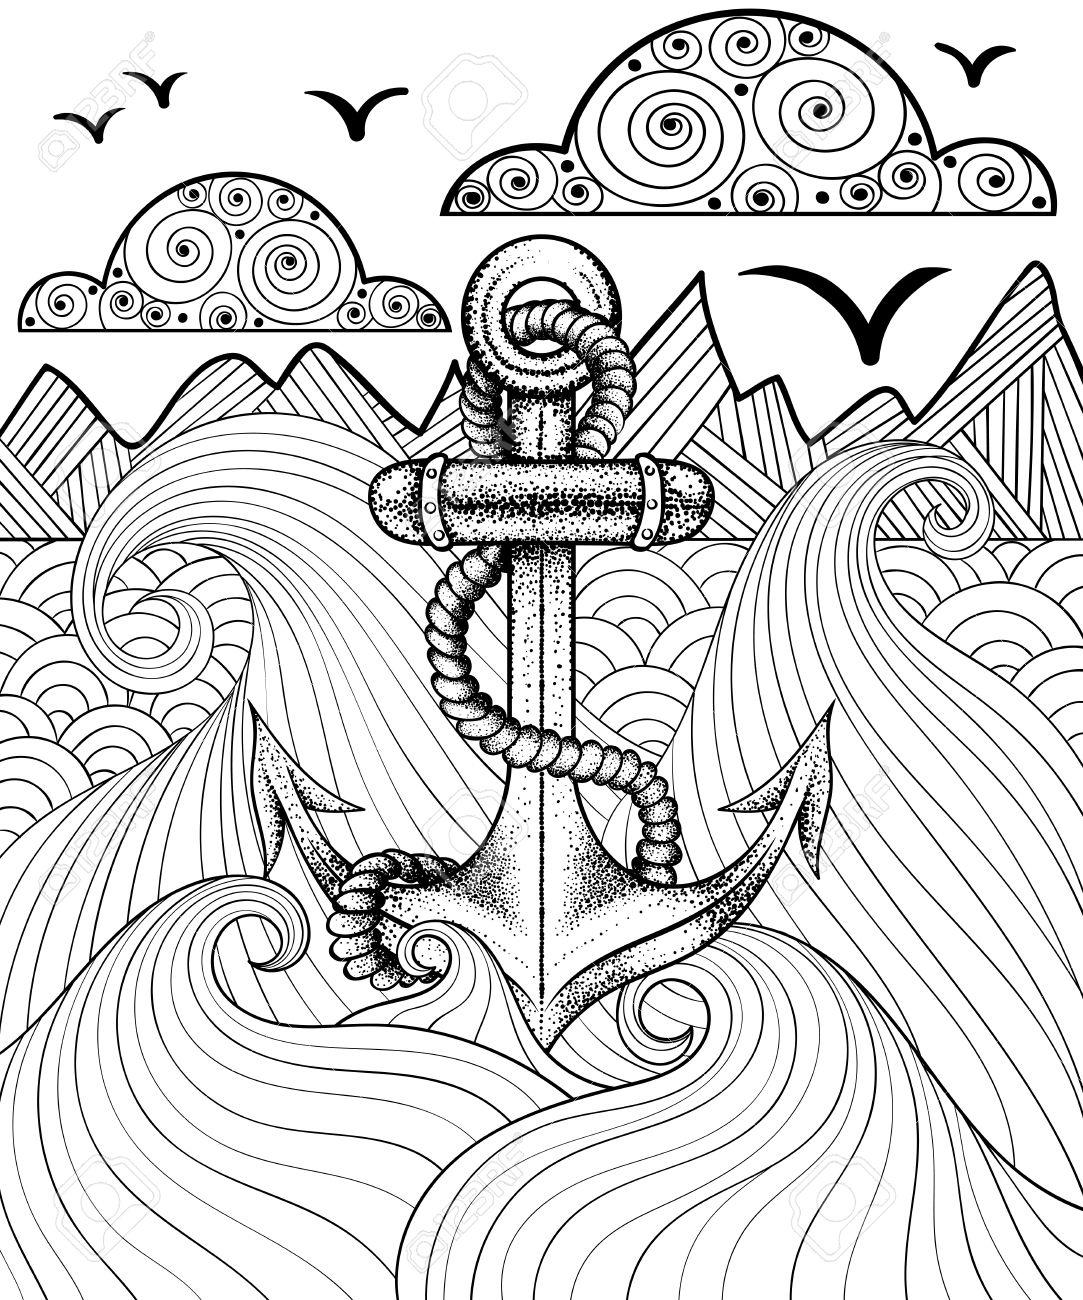 Vector Zentangle Imprimer Pour Coloriage Adulte. Hand Drawn Ancrage  Artistique Ethnique De La Mer À Motif Ornemental. à Coloriage Sur La Mer À Imprimer